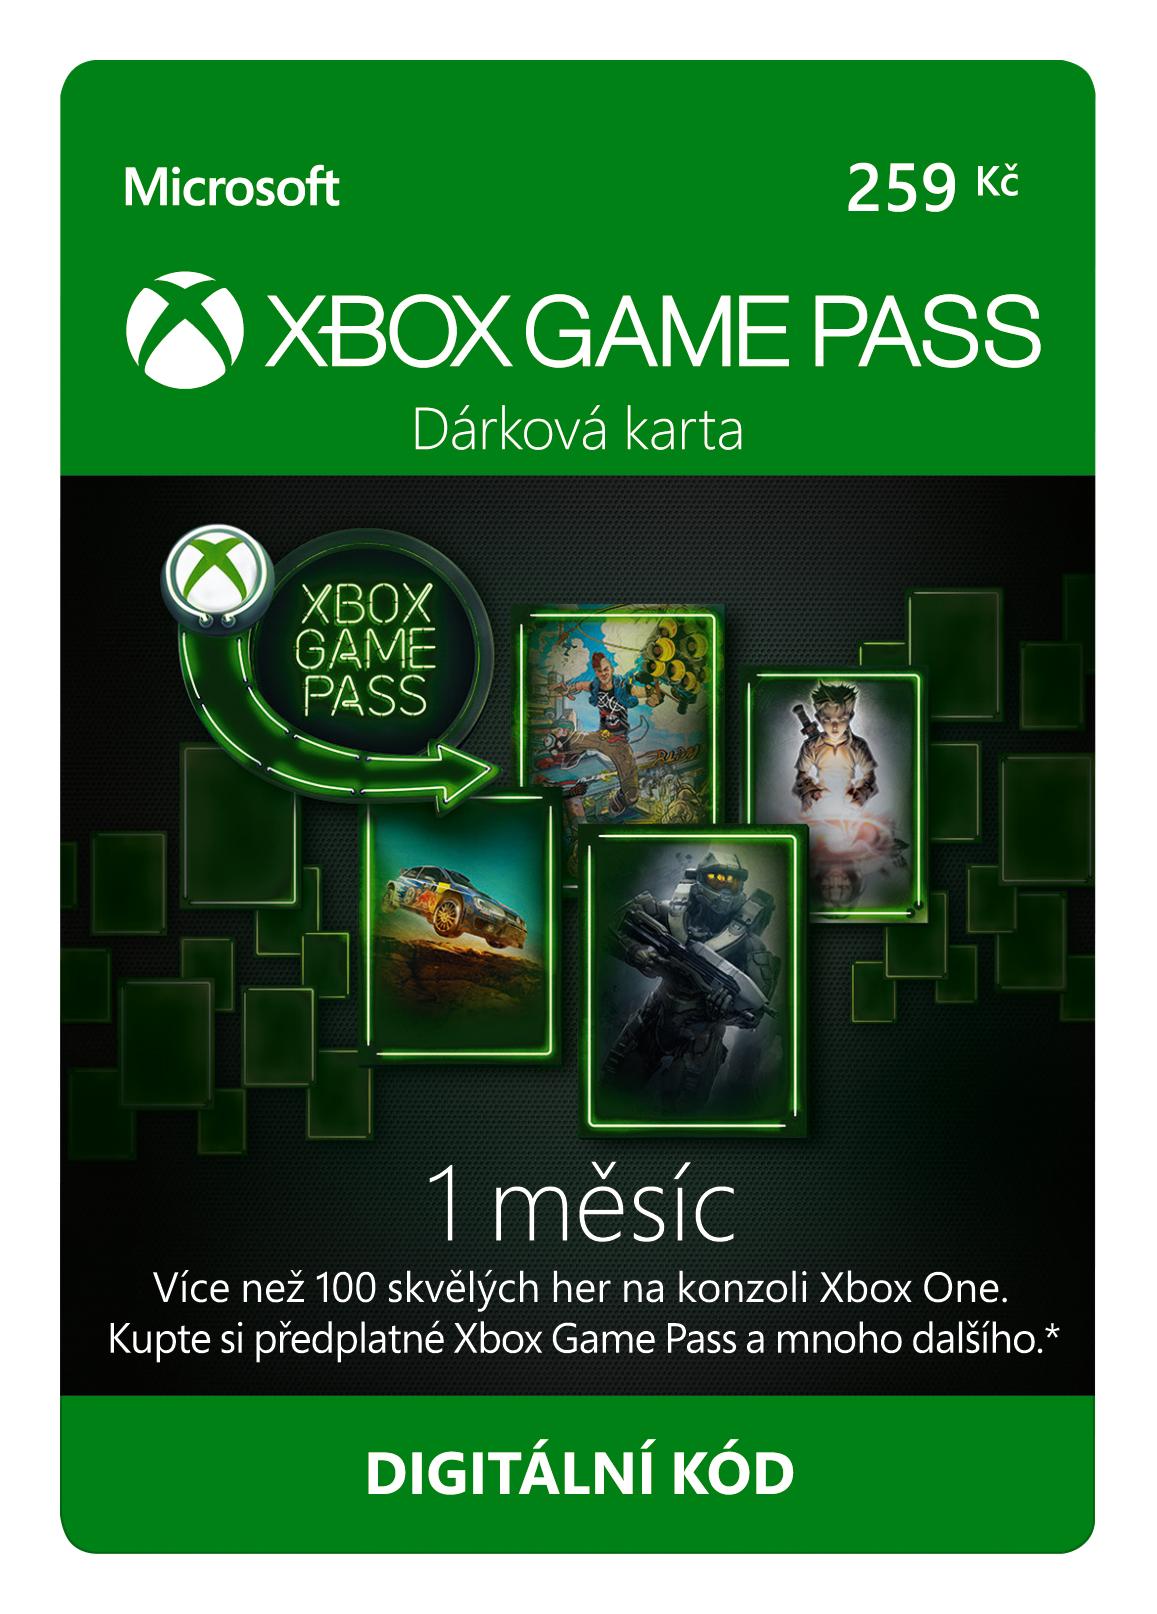 ESD XBOX - Game Pass dárková karta 259 Kč (předplatné na 1 měsíc), pro CZK účty! - K4W-03686